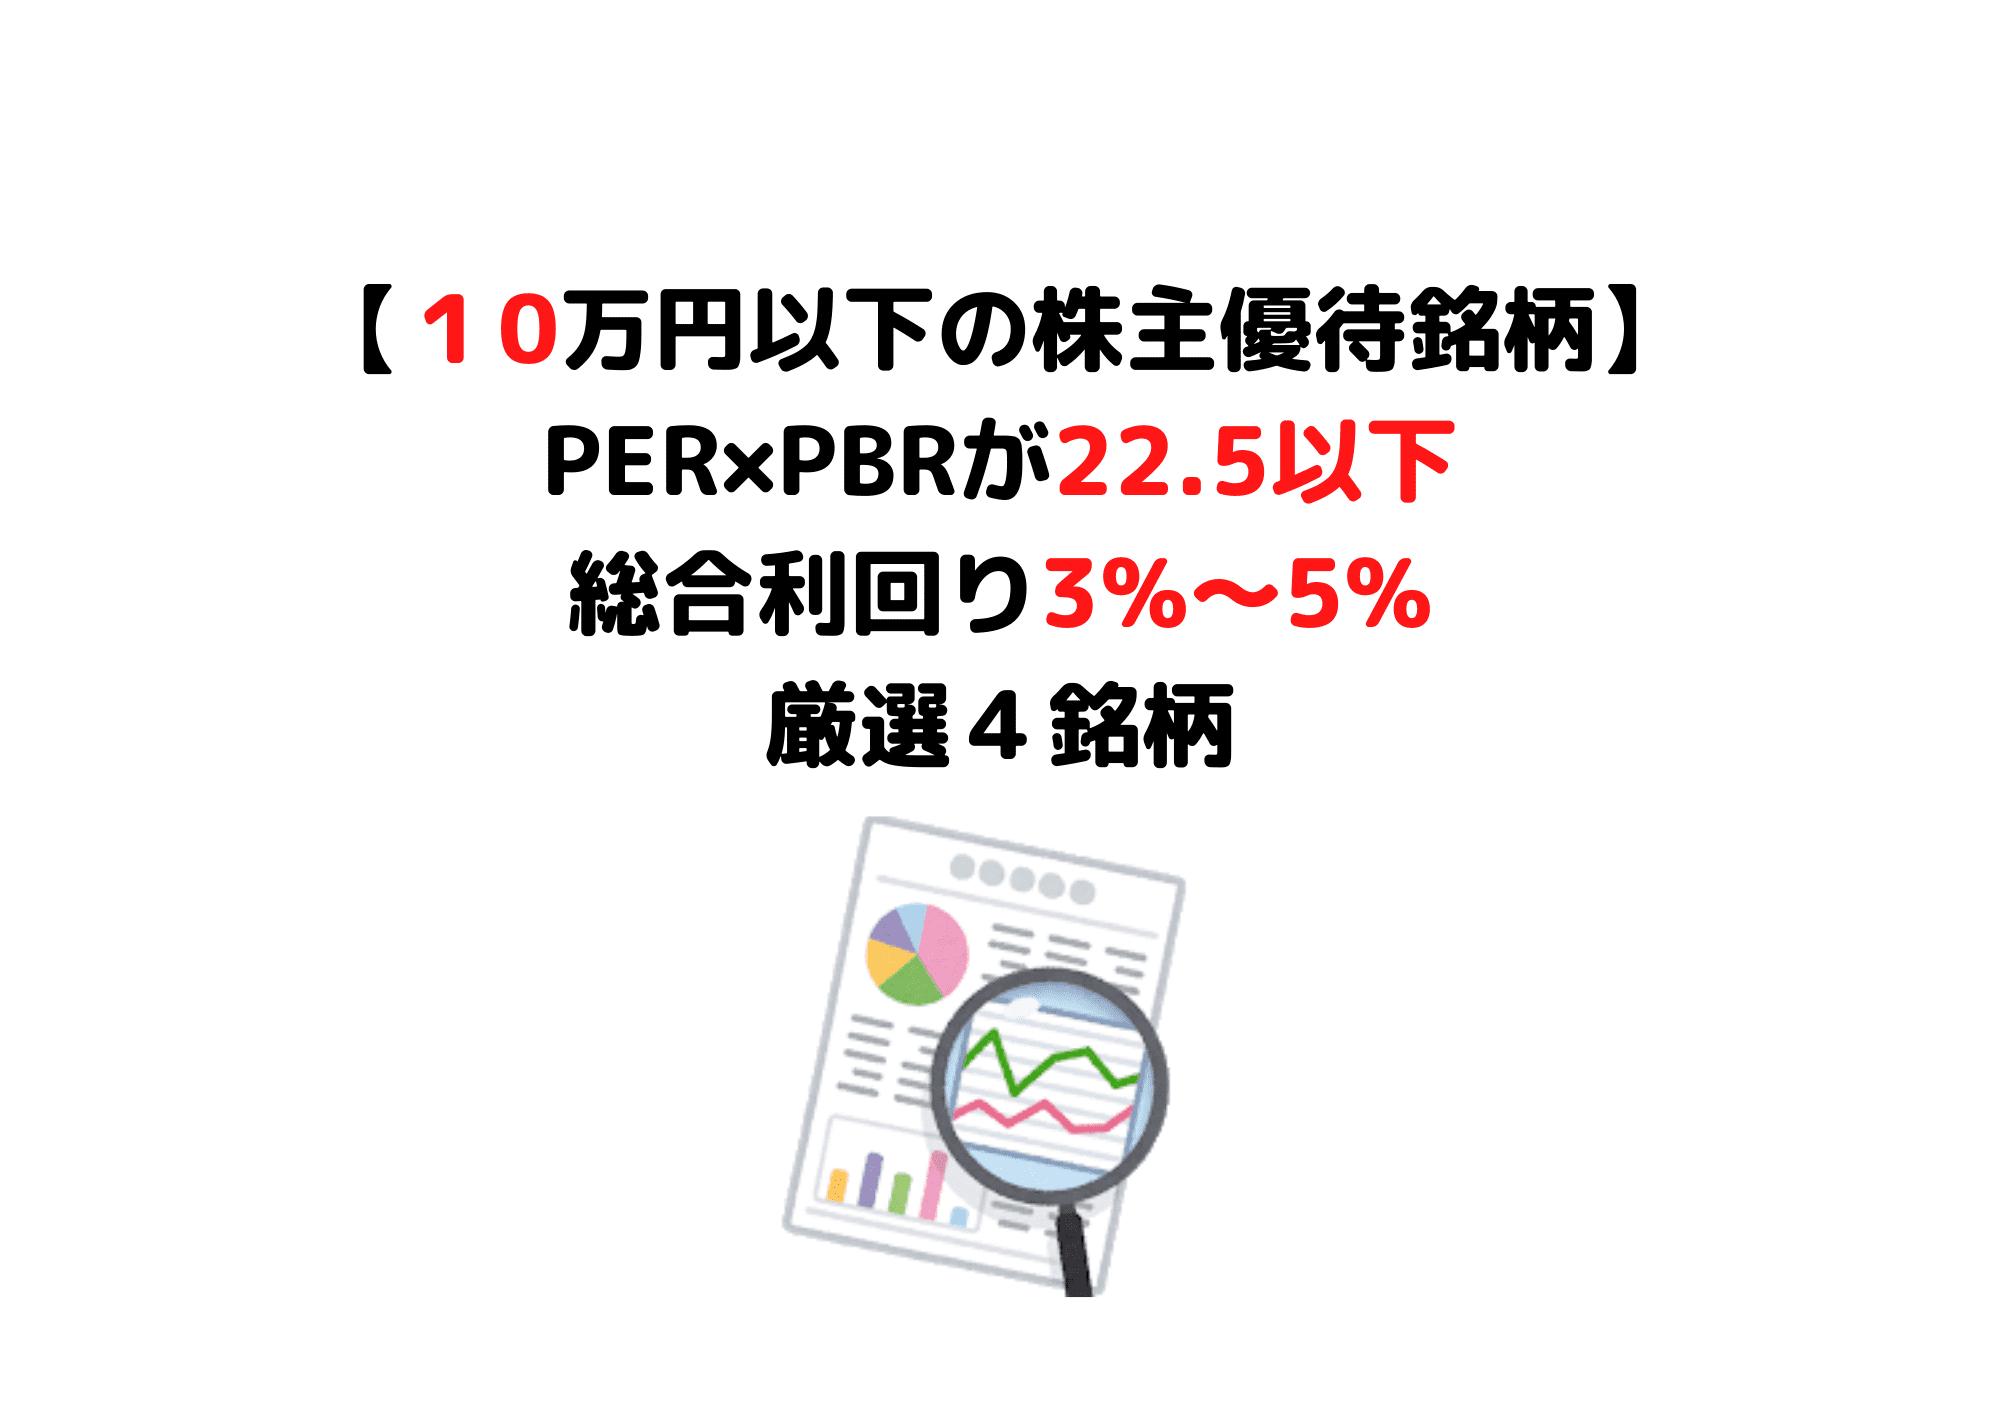 株主優待 10万円以下 (1)